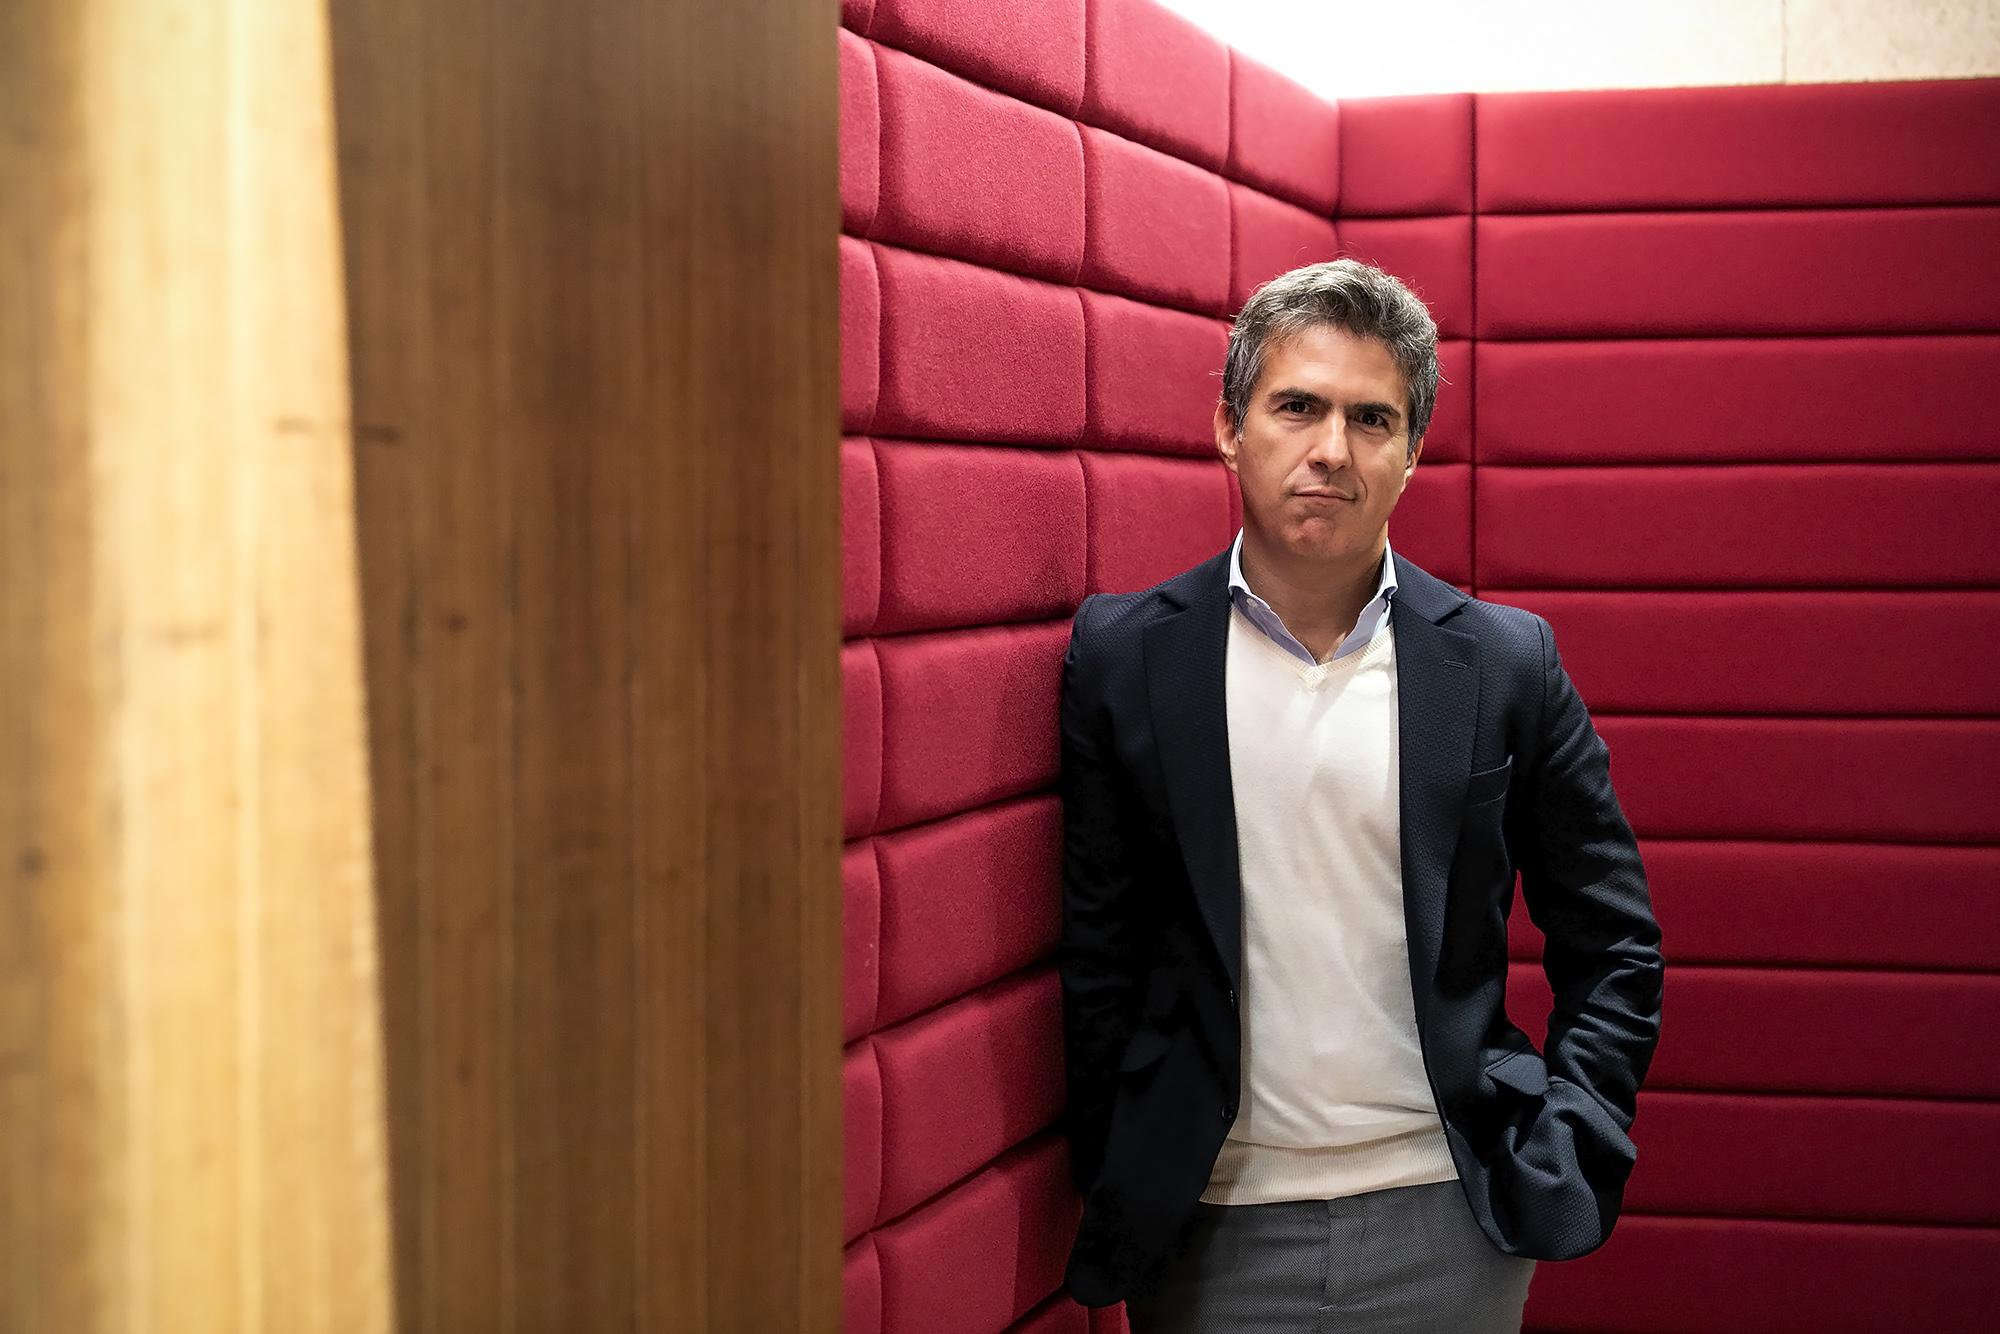 Adolfo Mesquita Nunes em entrevista ao ECO - 05NOV20